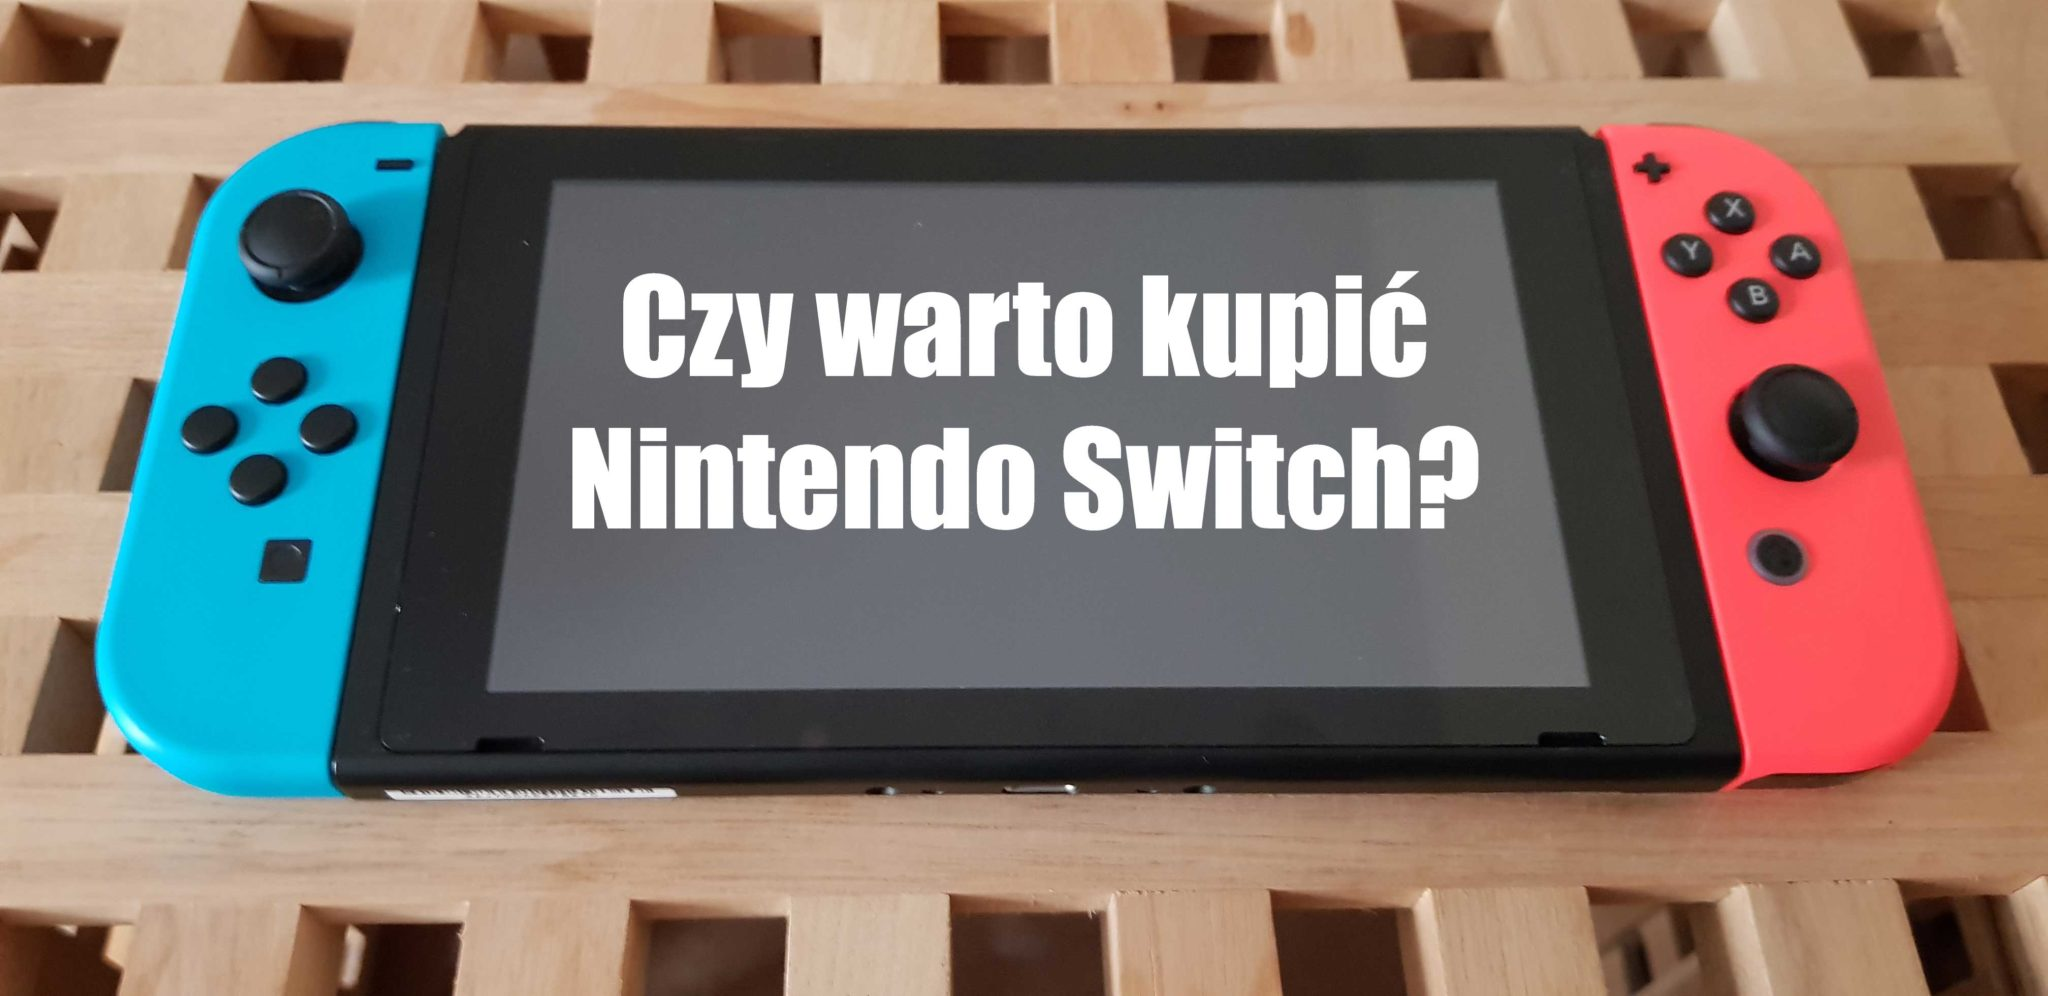 Czy warto kupić Nintendo Switch w2019?